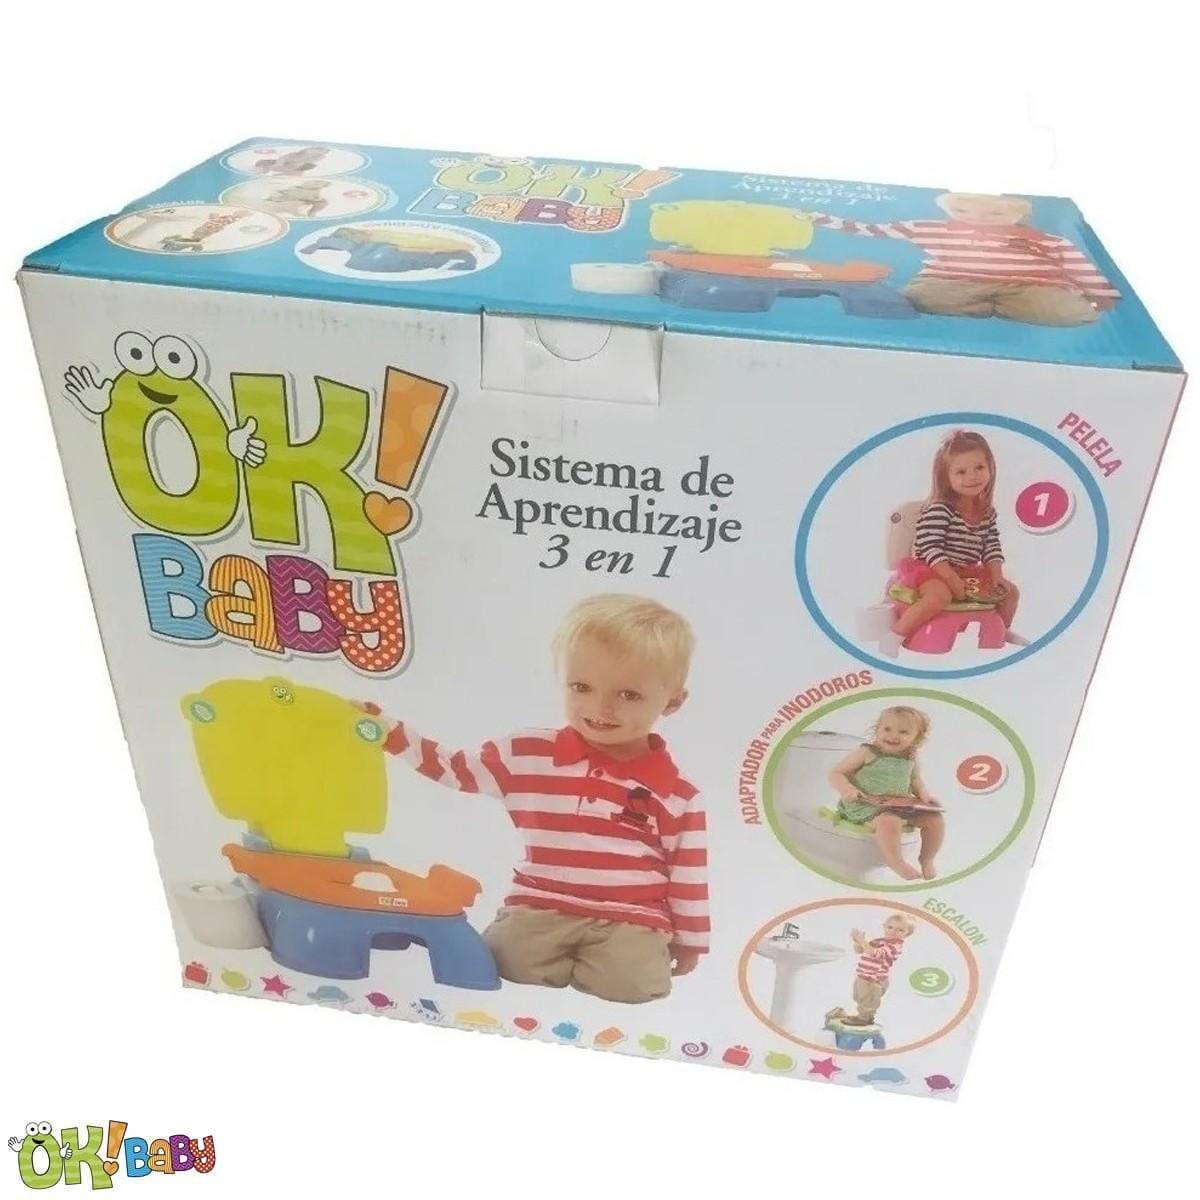 EDUCADOR 3 EN 1 OK BABY